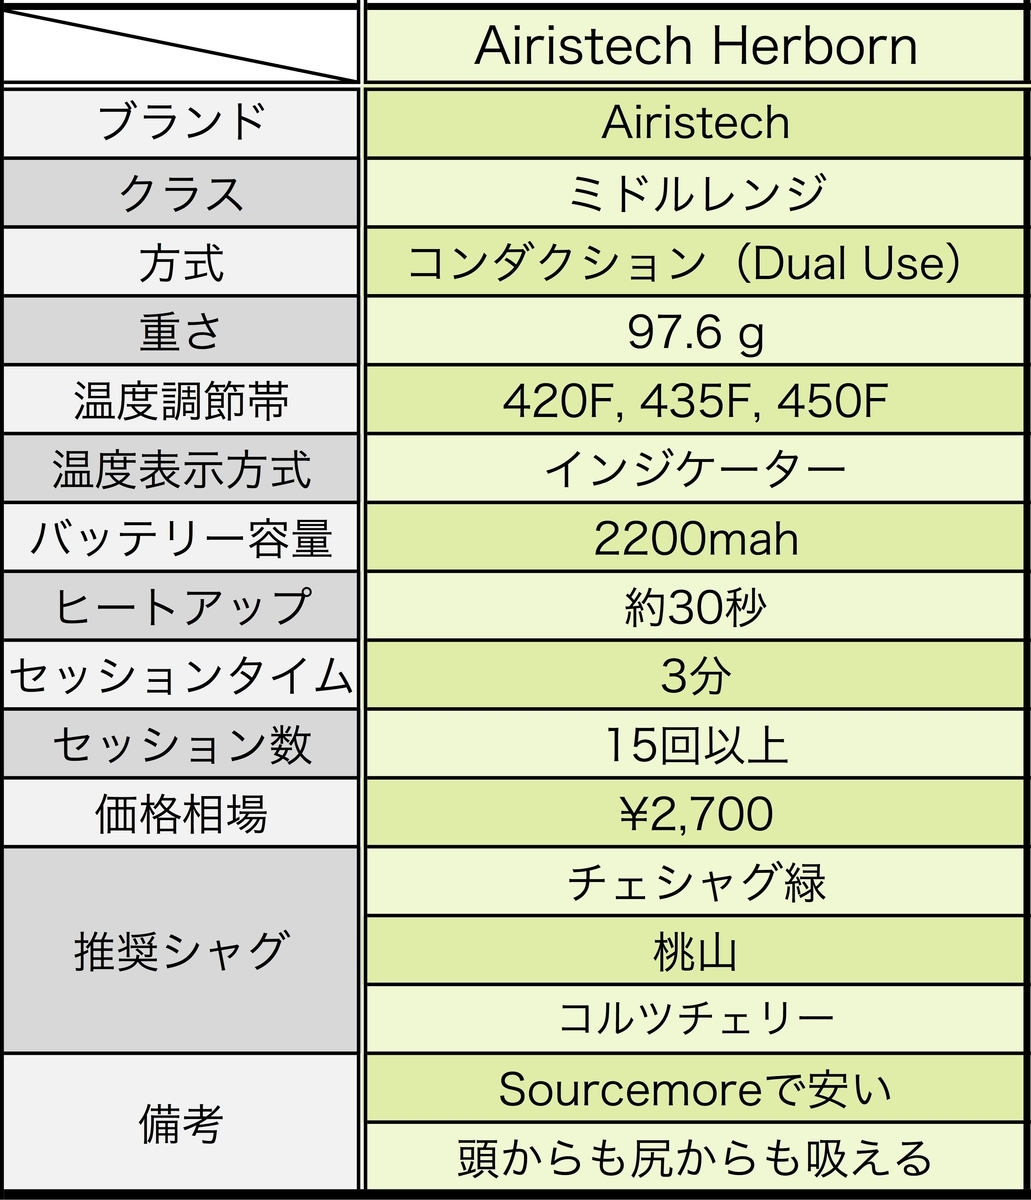 f:id:umu_umai_ojisan:20191026172708j:plain